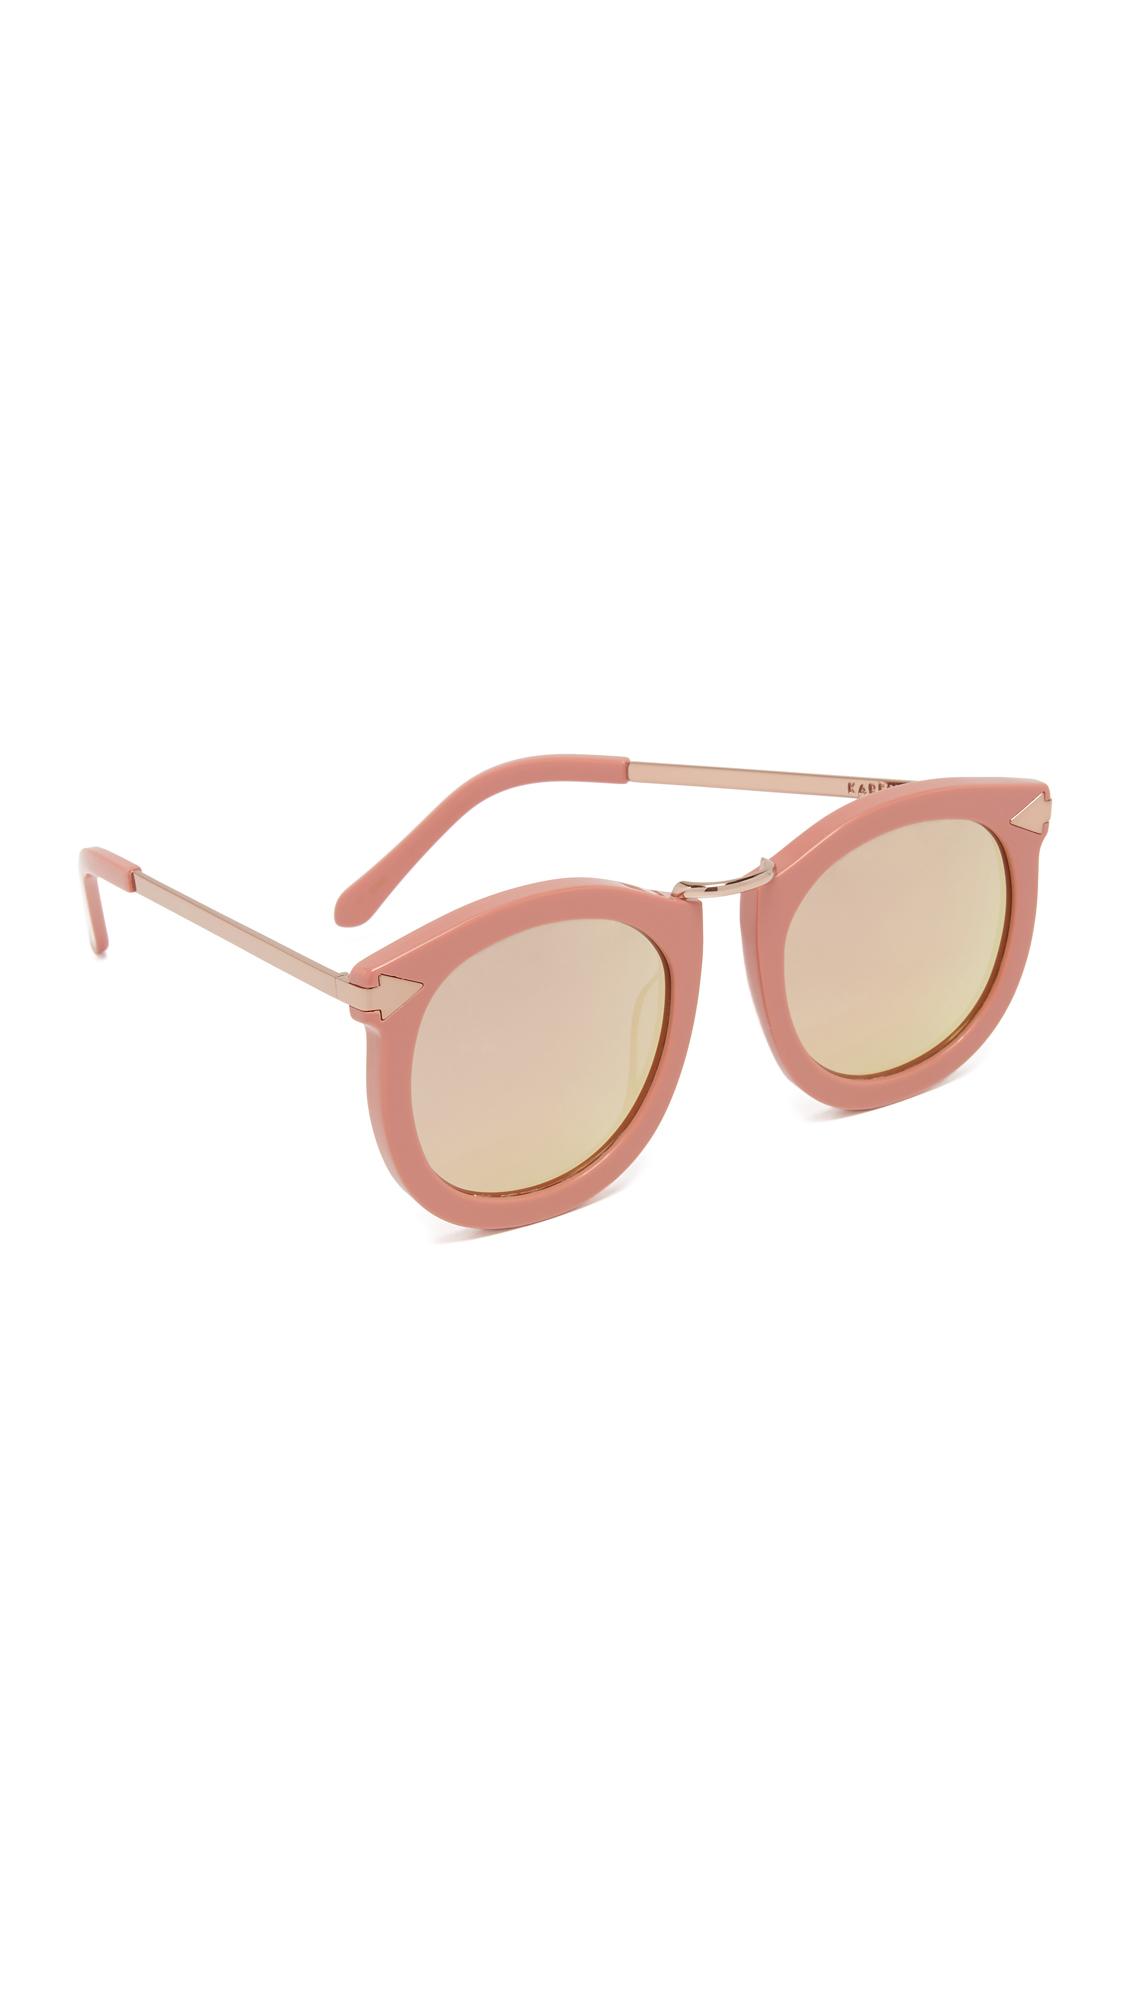 a3f9324d13e Karen Walker Super Lunar Sunglasses